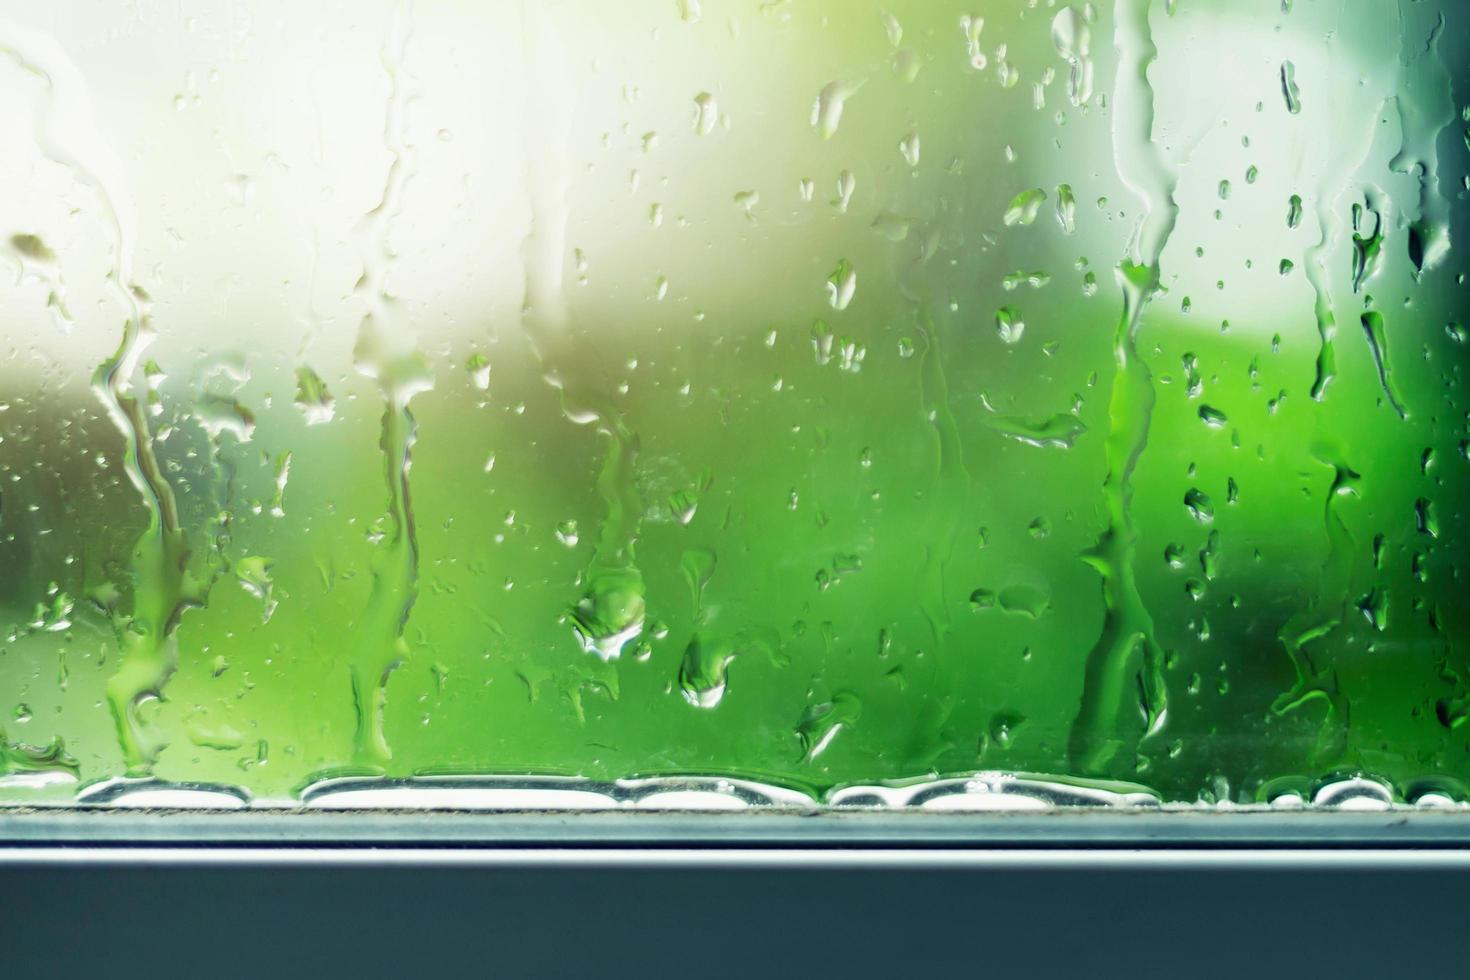 gouttelettes d'eau coulant dans une fenêtre en verre photo